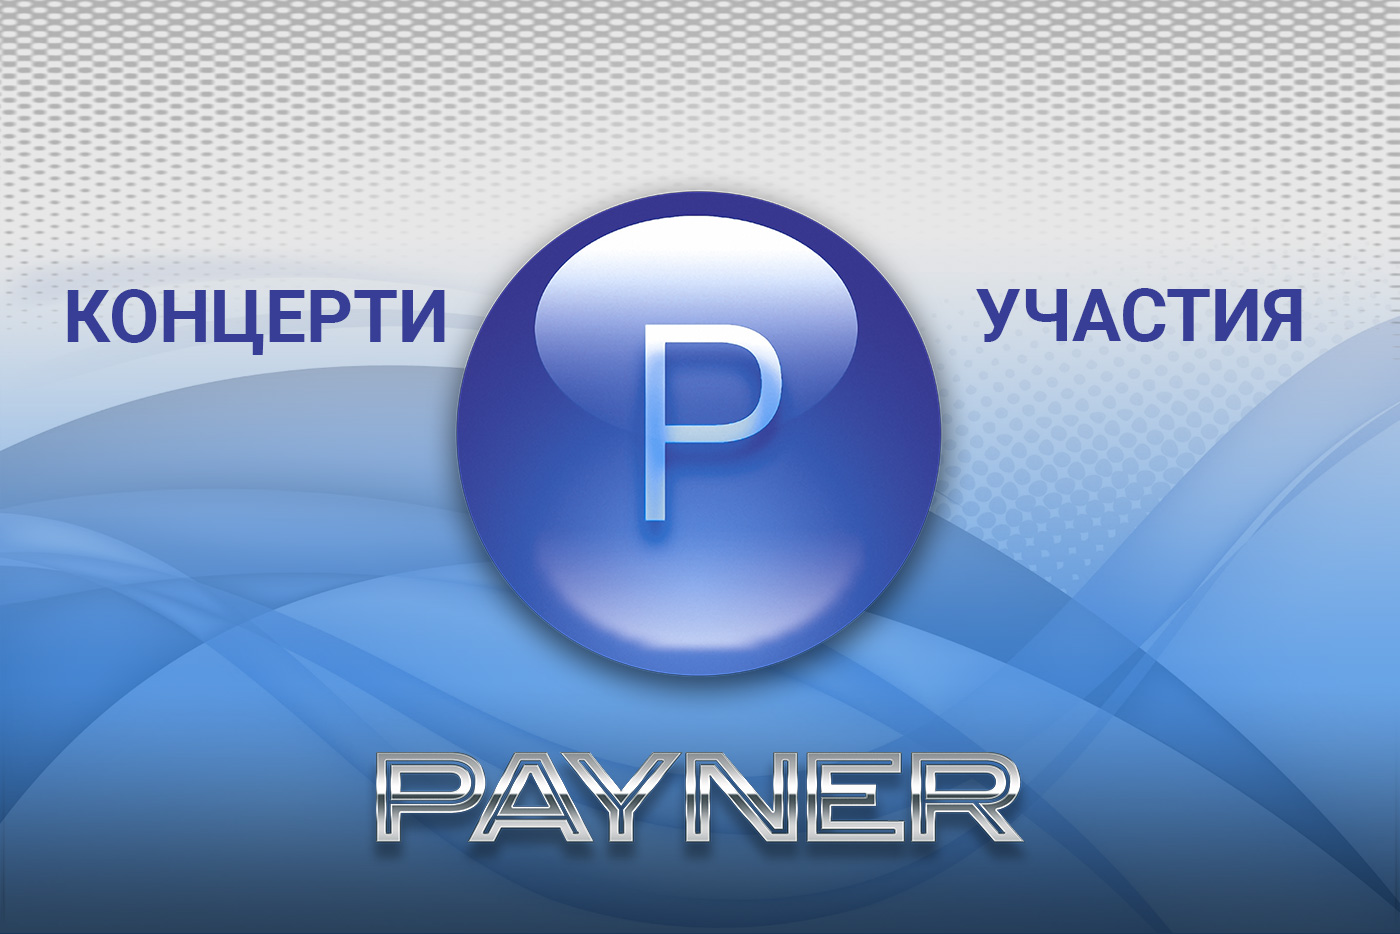 """Участия на звездите на """"Пайнер"""" на 14.01.2019"""